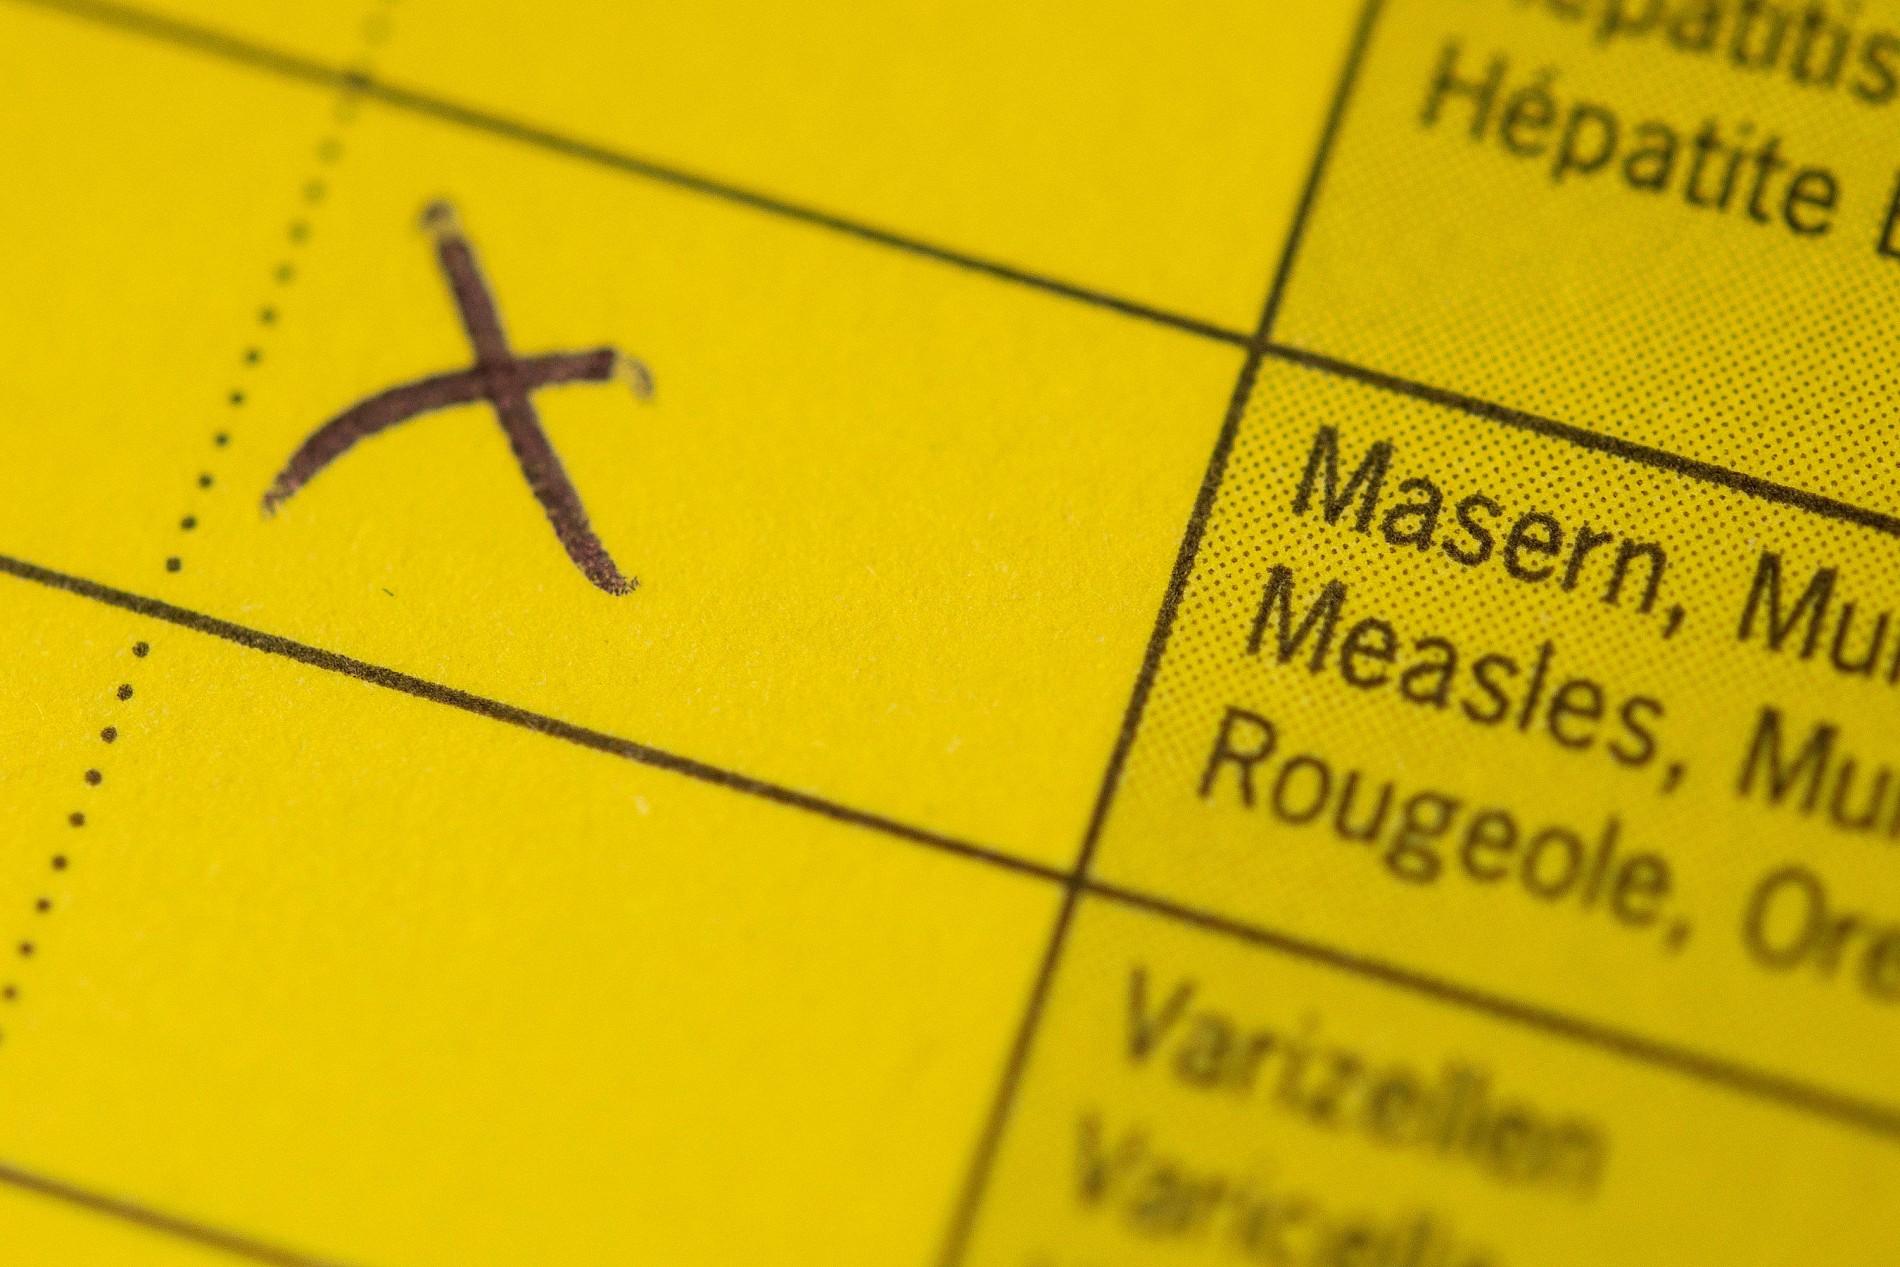 Vene safene: ce rol au si cum sunt afectate de varice